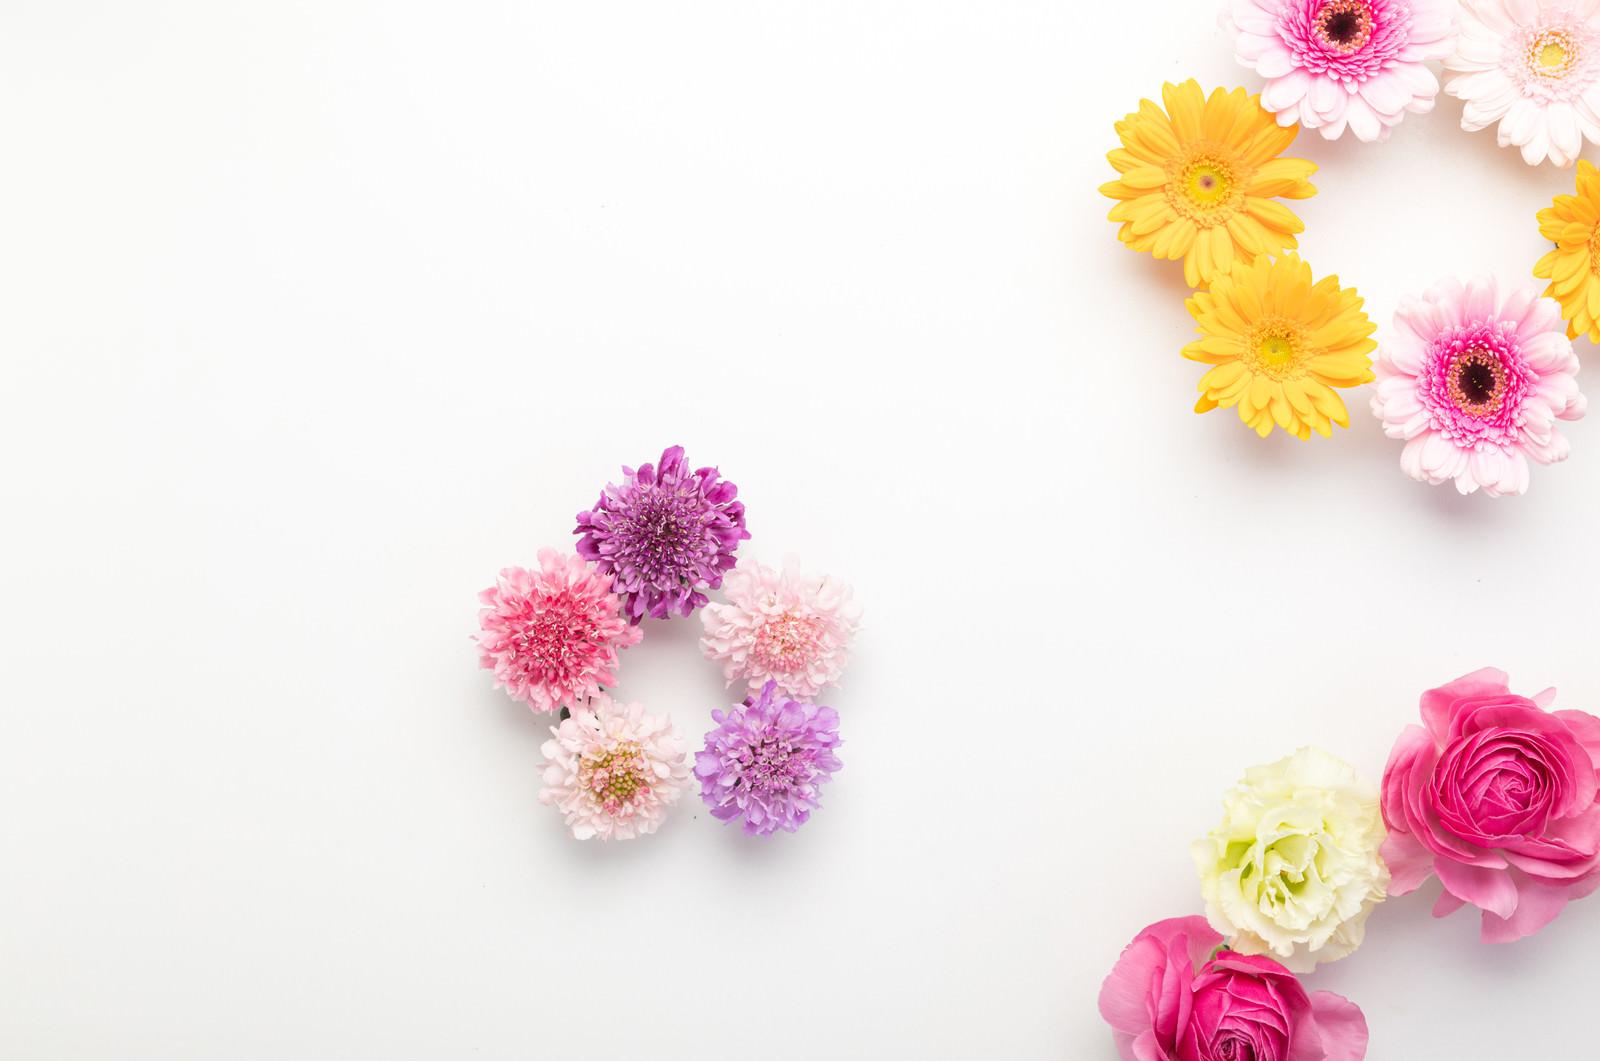 「生花の小さい輪」の写真